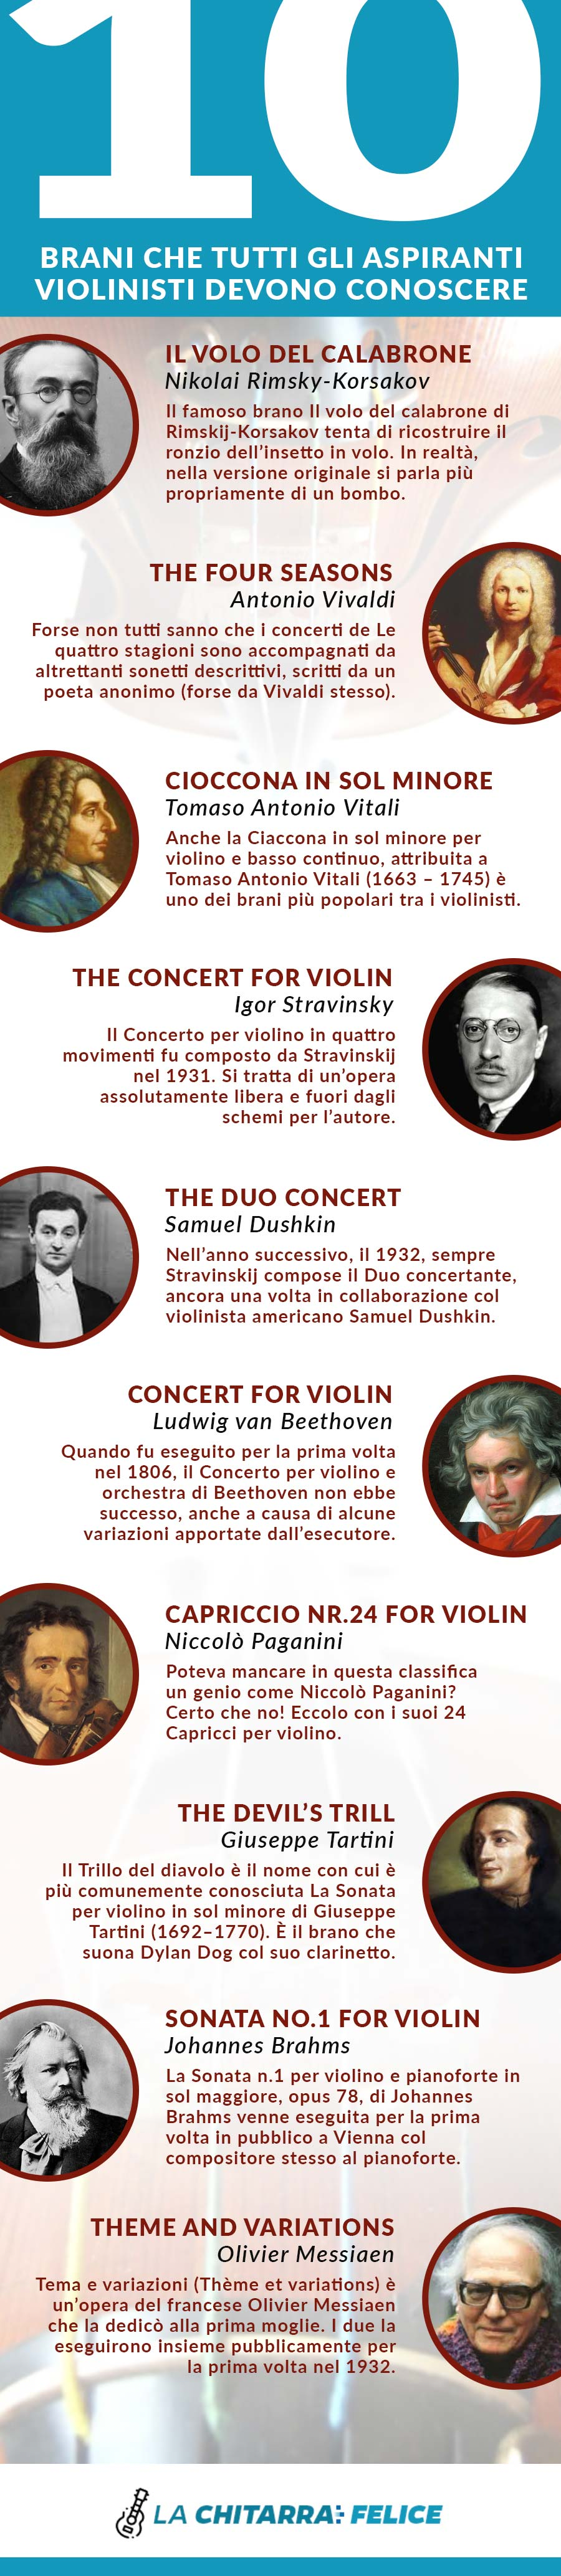 violinisti famosi